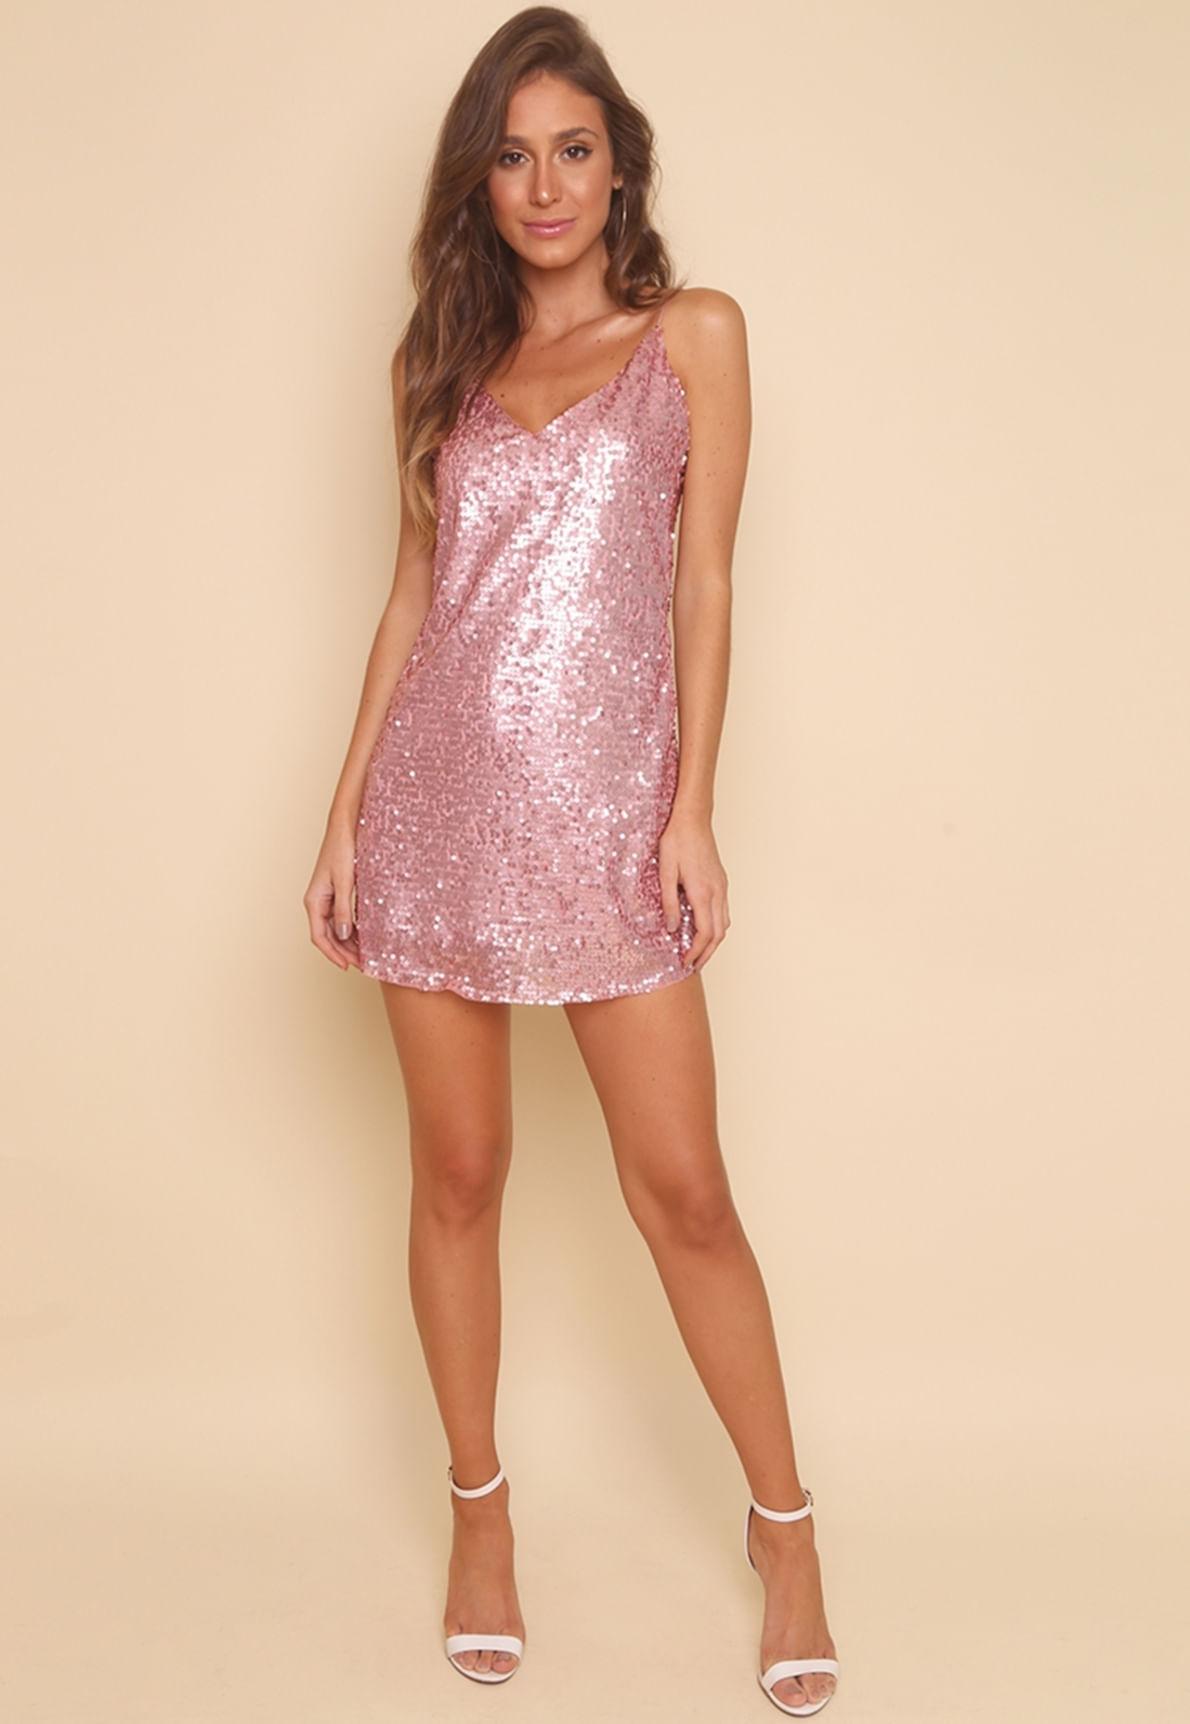 27784-vestido-rosa-parte-milla-mundo-lolita-02